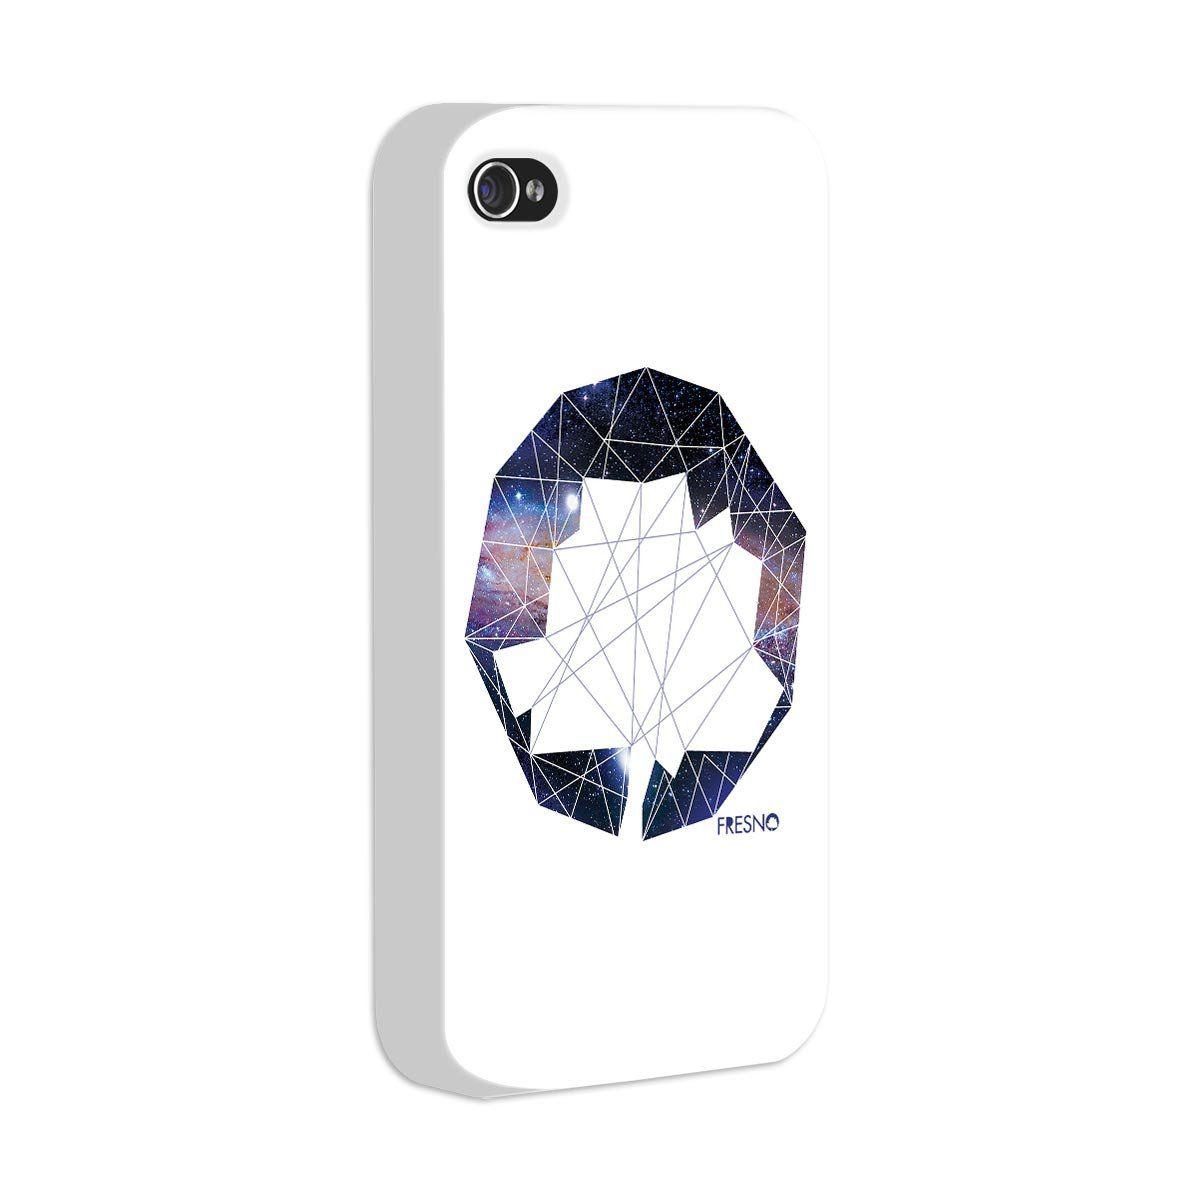 Capa de iPhone 4/4S Fresno - Logo Galáxias